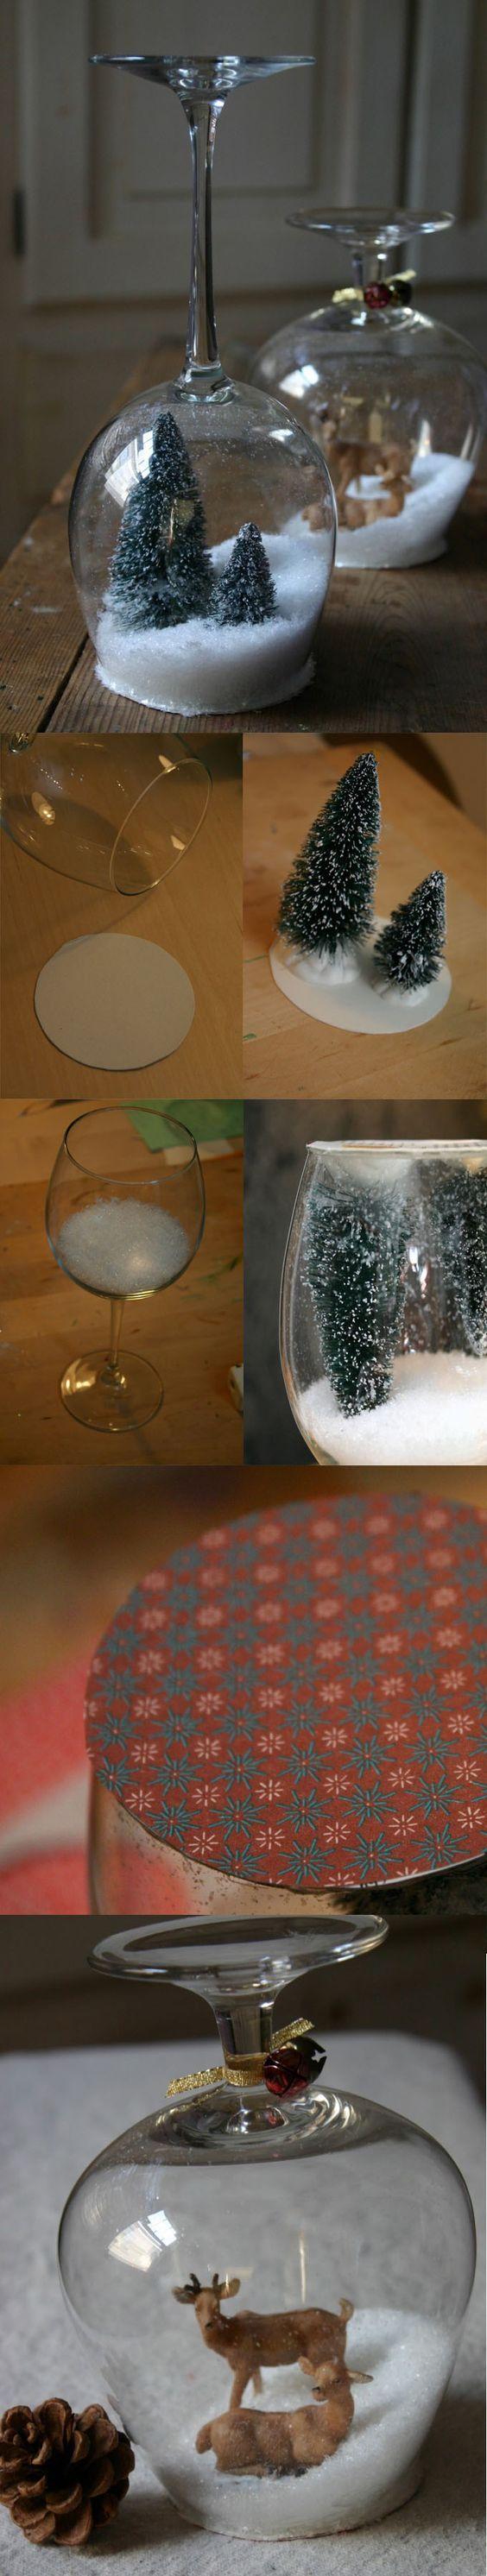 Portacandele Natalizi con bicchieri.Abbiamo selezionato per voi oggi 20 stupendi portacandele natalizi fai da te utilizzando i bicchieri di vetro!Lasciatevi